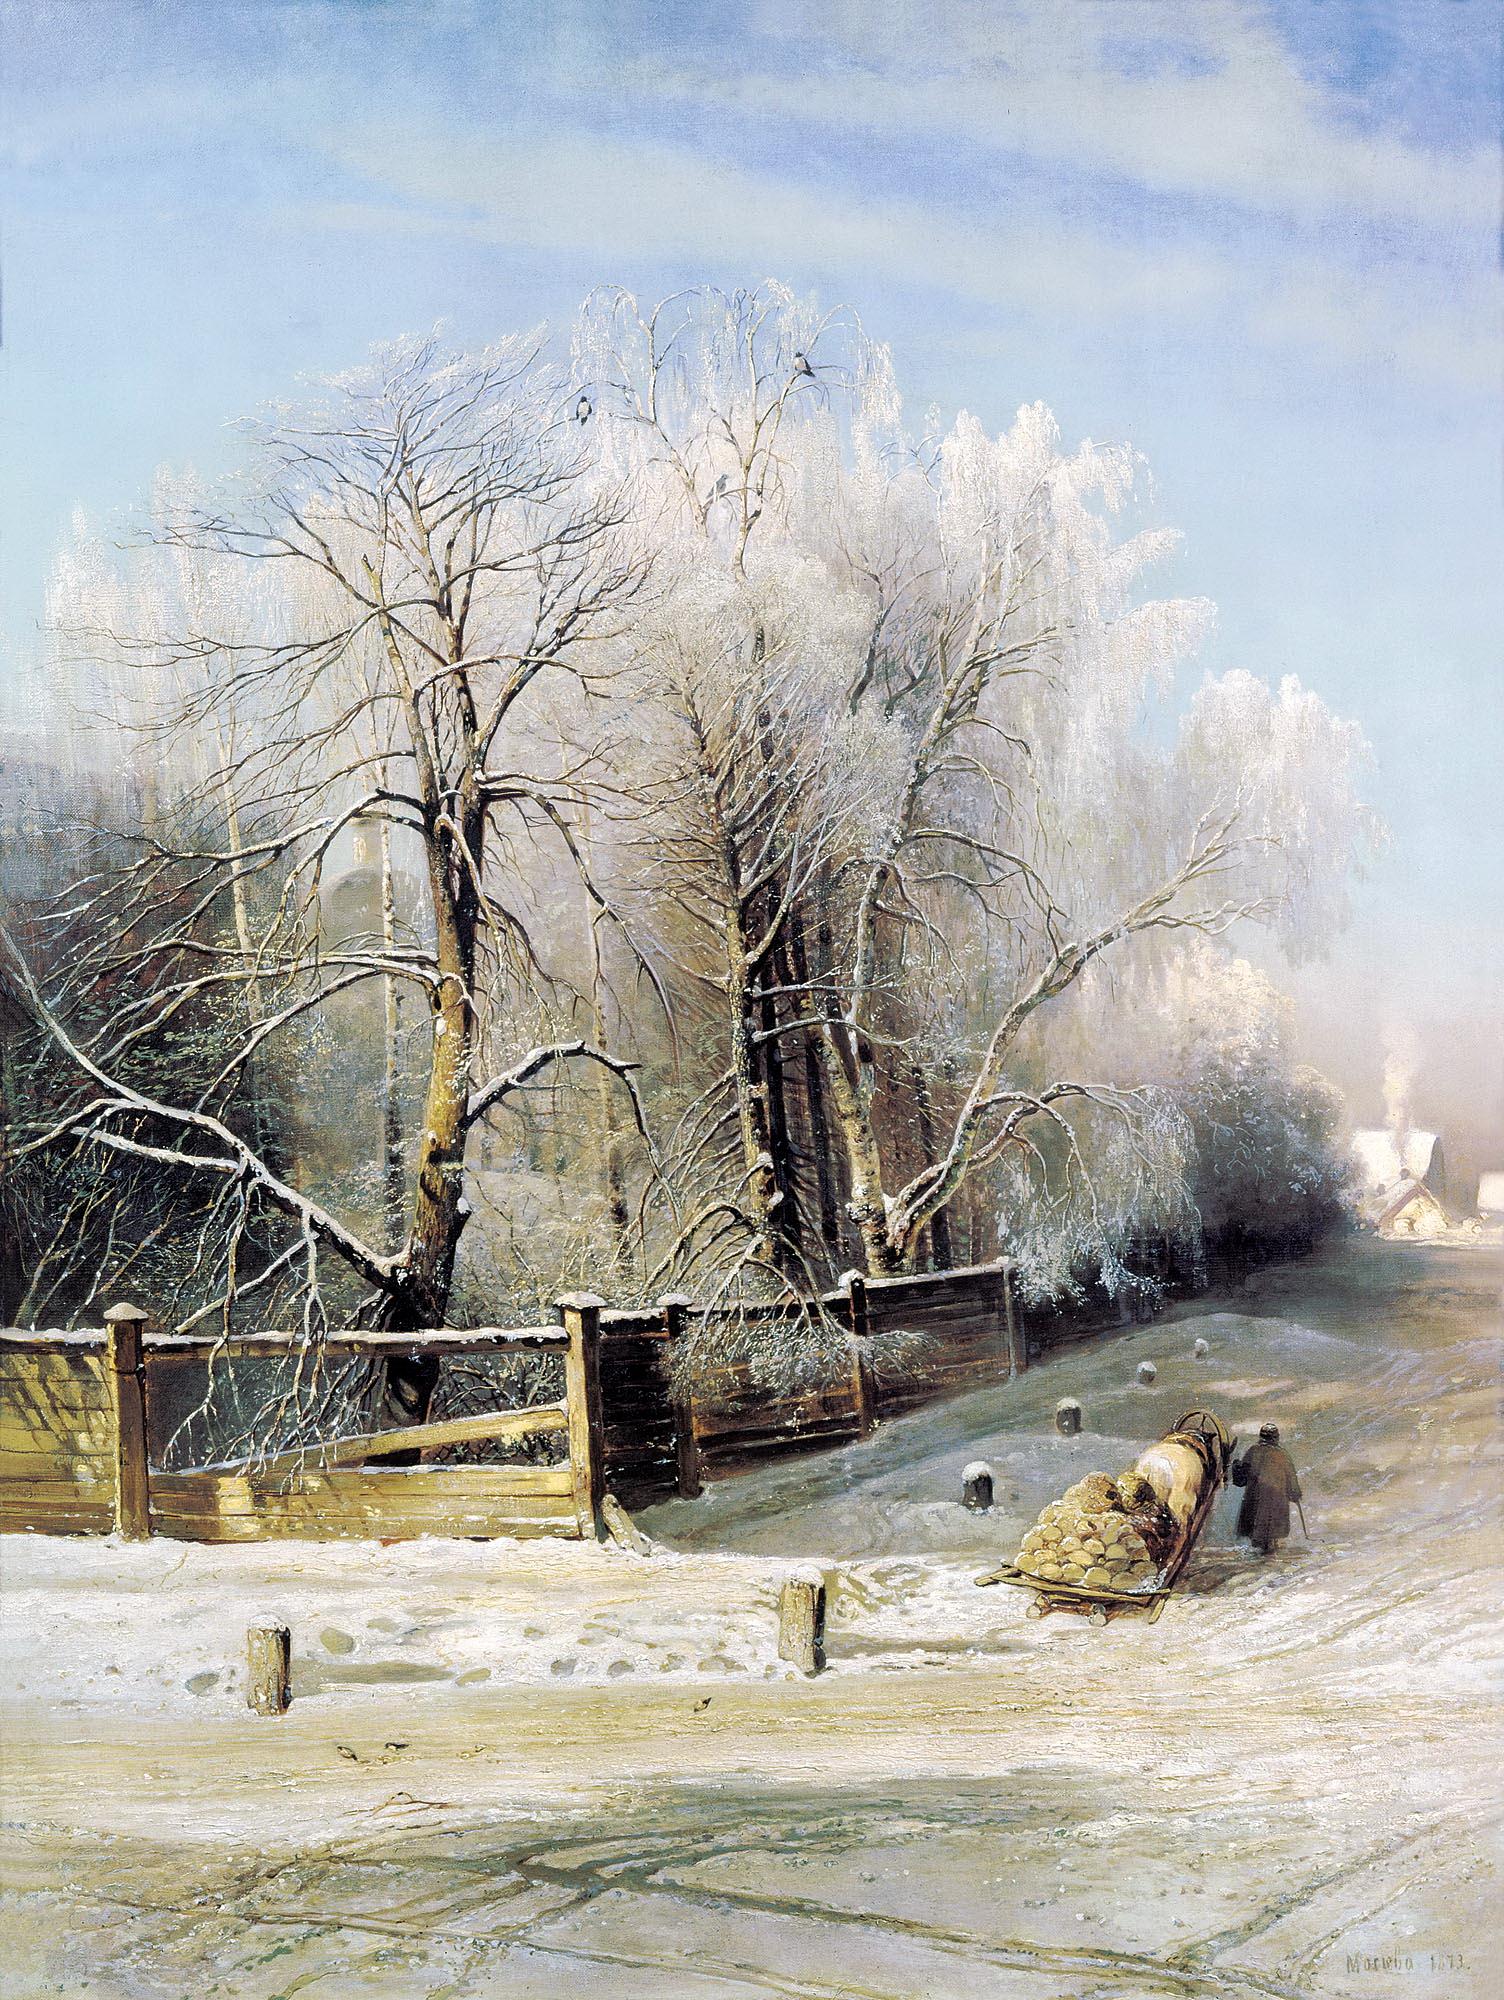 САВРАСОВ Алексей - Зимний пейзаж